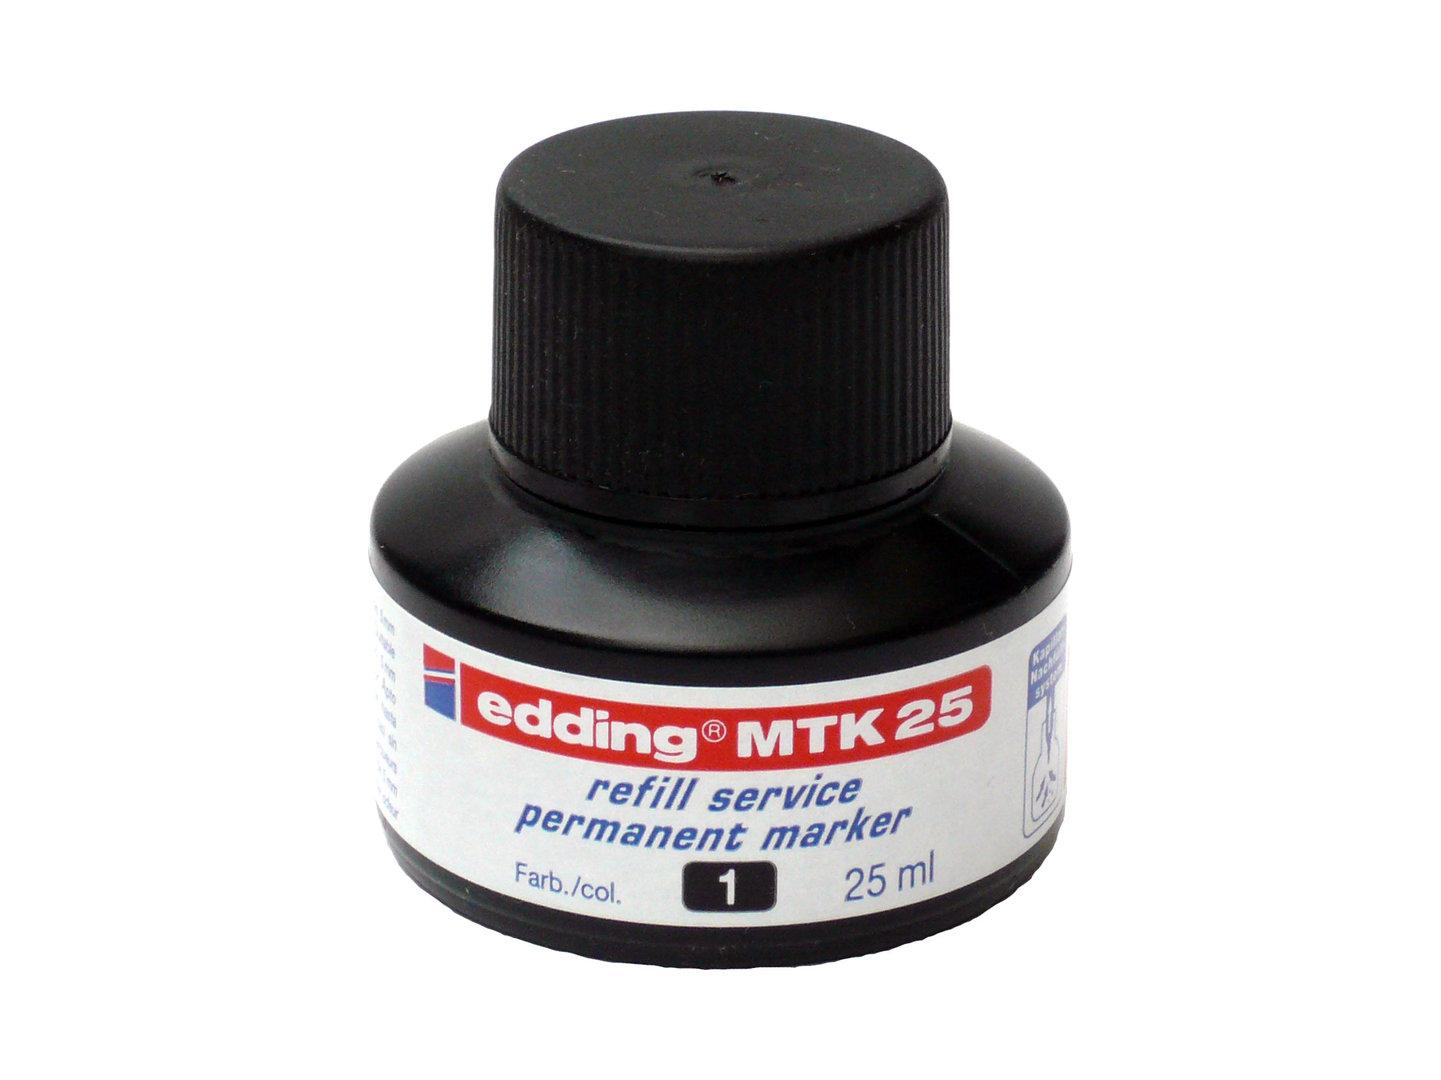 Edding-Inchiostro-ricarica-inchiostro-MTK25-refill-ink-servizio-25ml